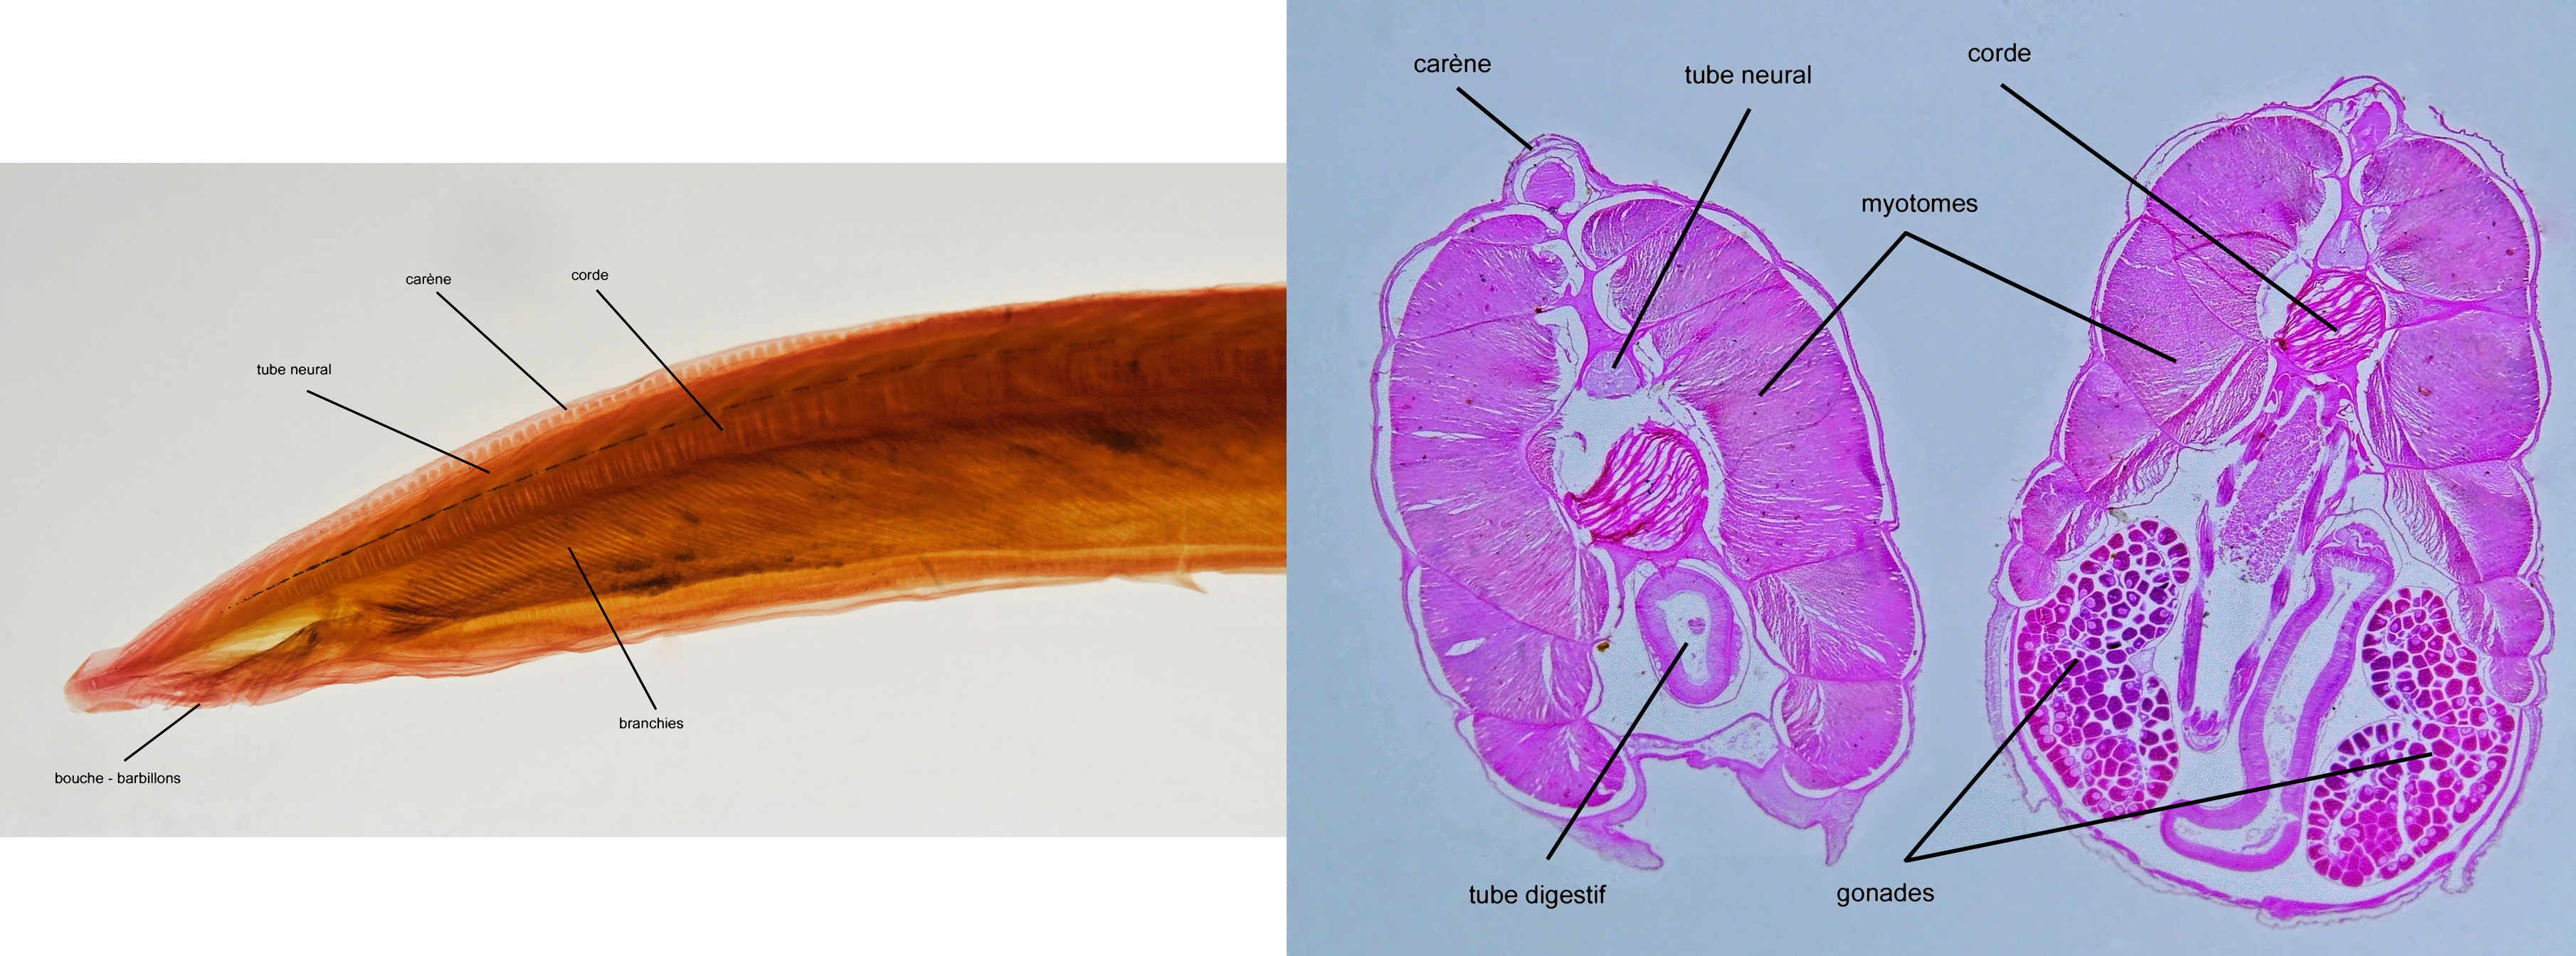 Image of lancelet